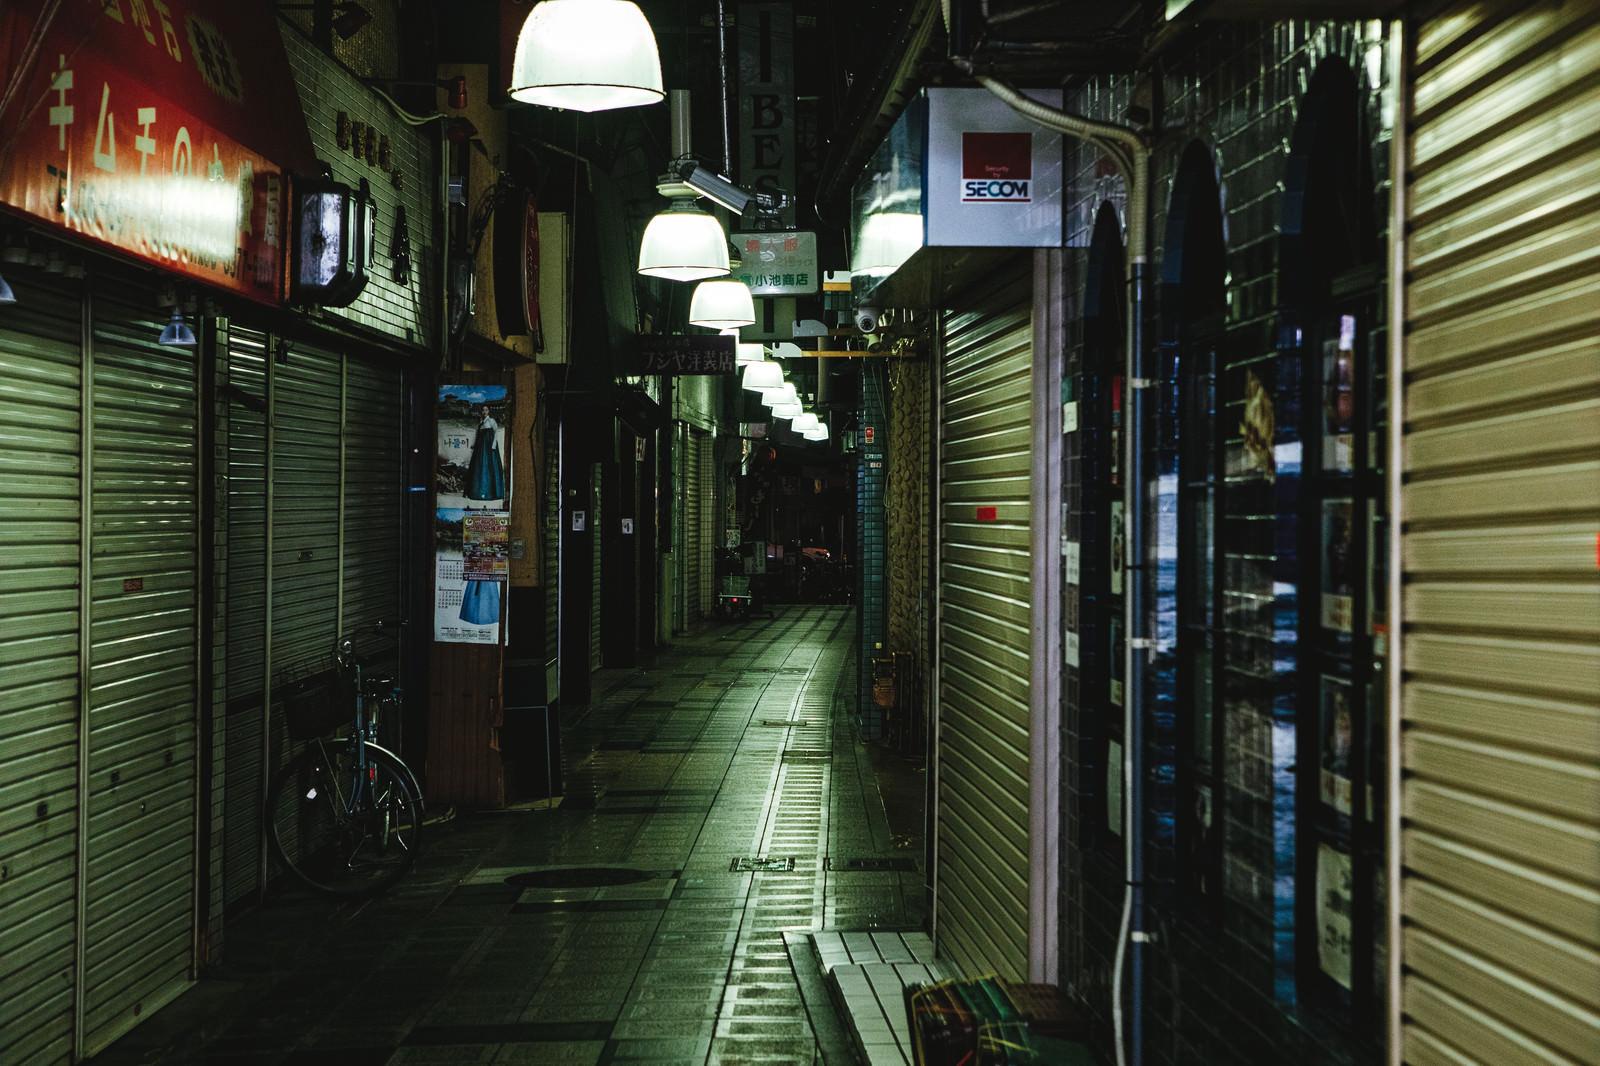 「閉店後のシャッター街路地」の写真